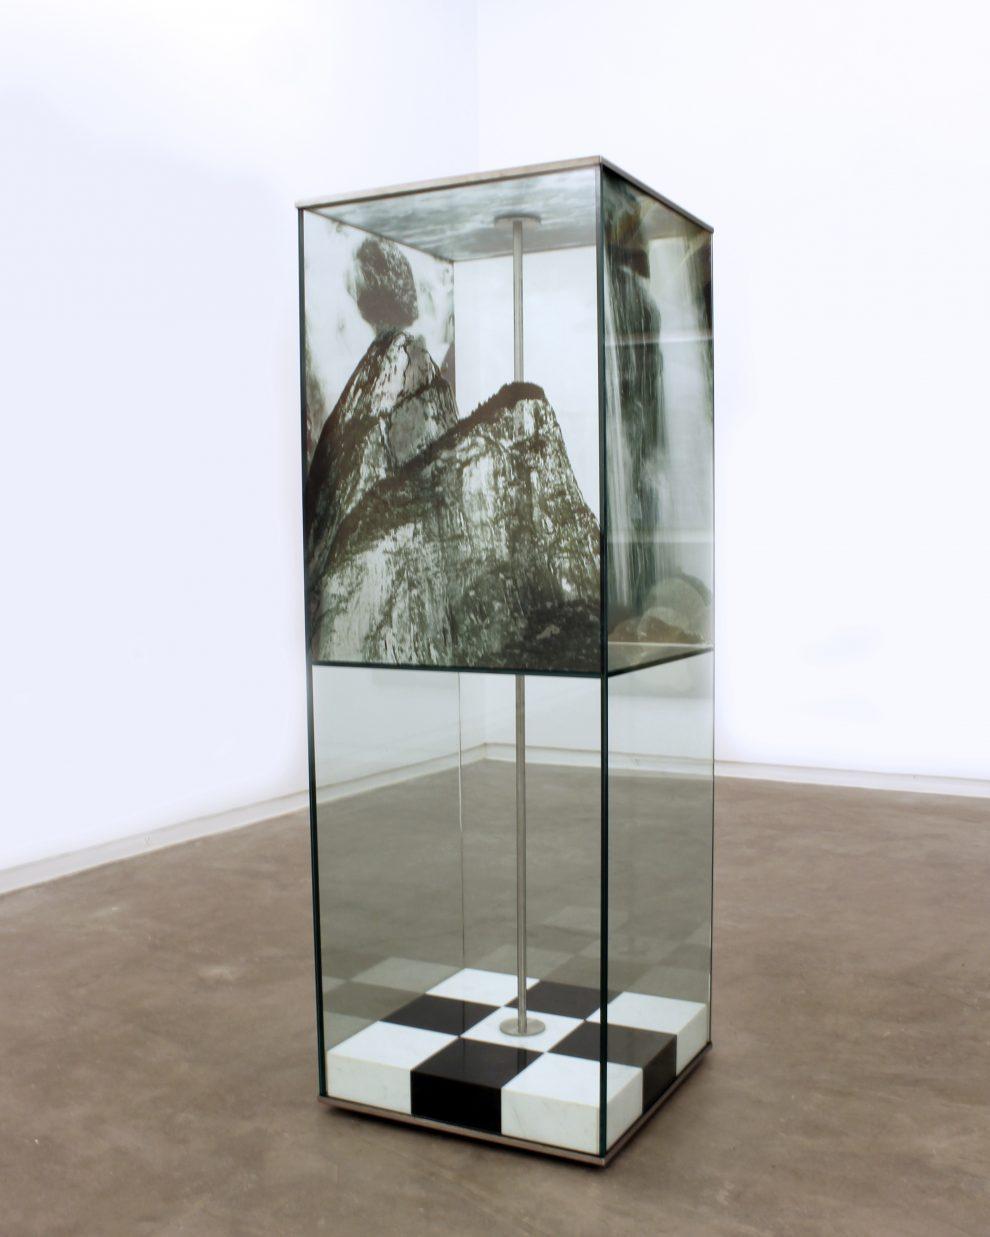 Vitrine 1 (from the series Paisagens Perdidas), 2008